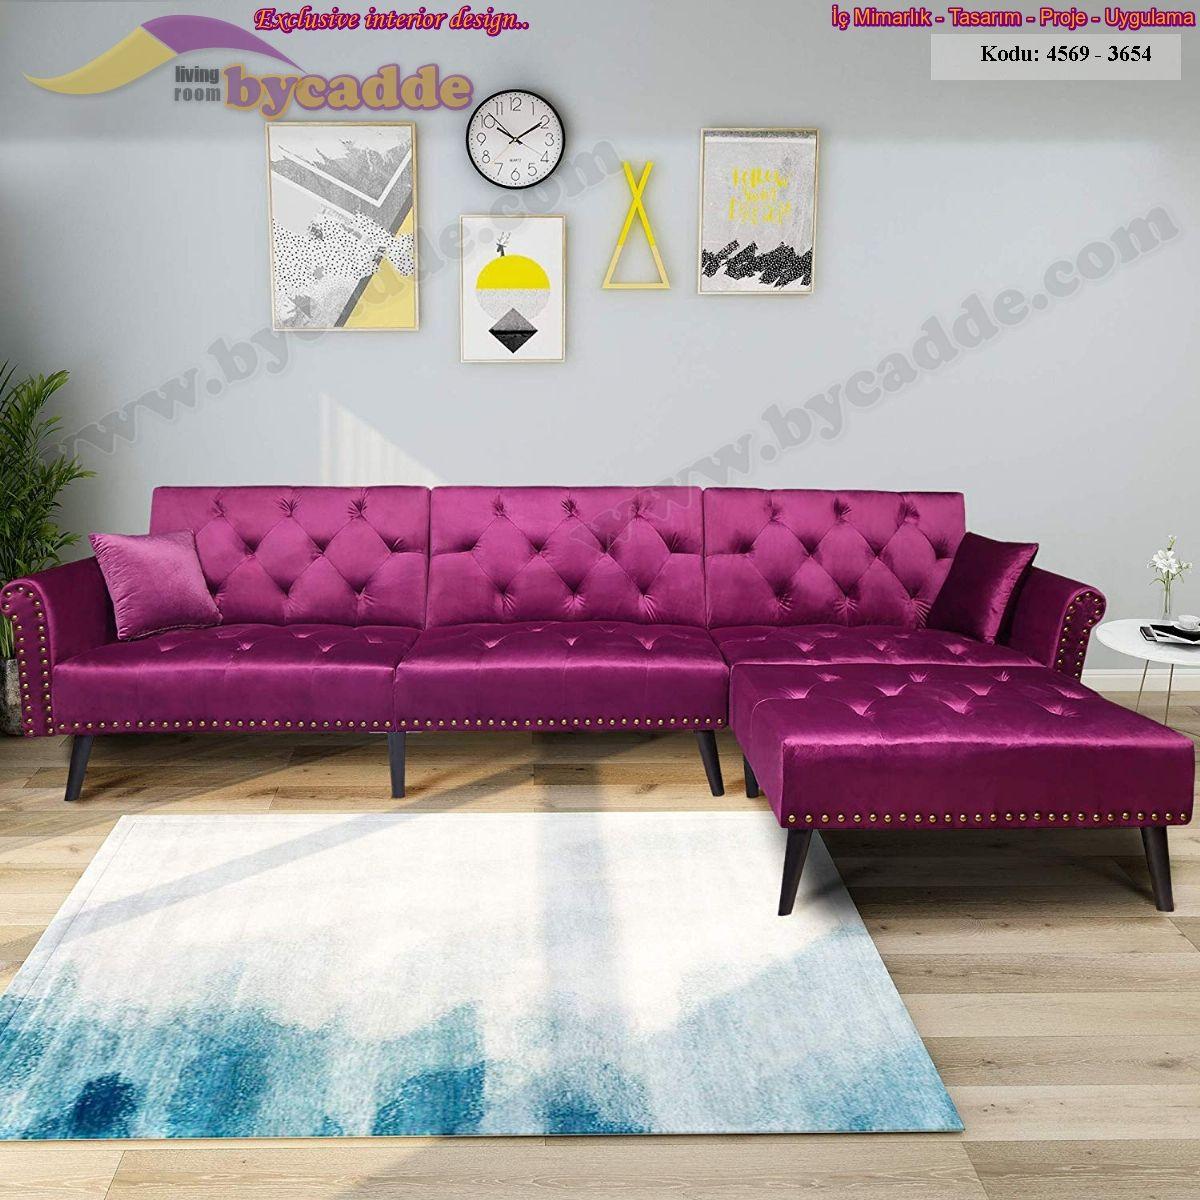 Mor Parlak Kadife L Köşe Koltuk Takımı Modern Oturma Odası Dekorasyonu